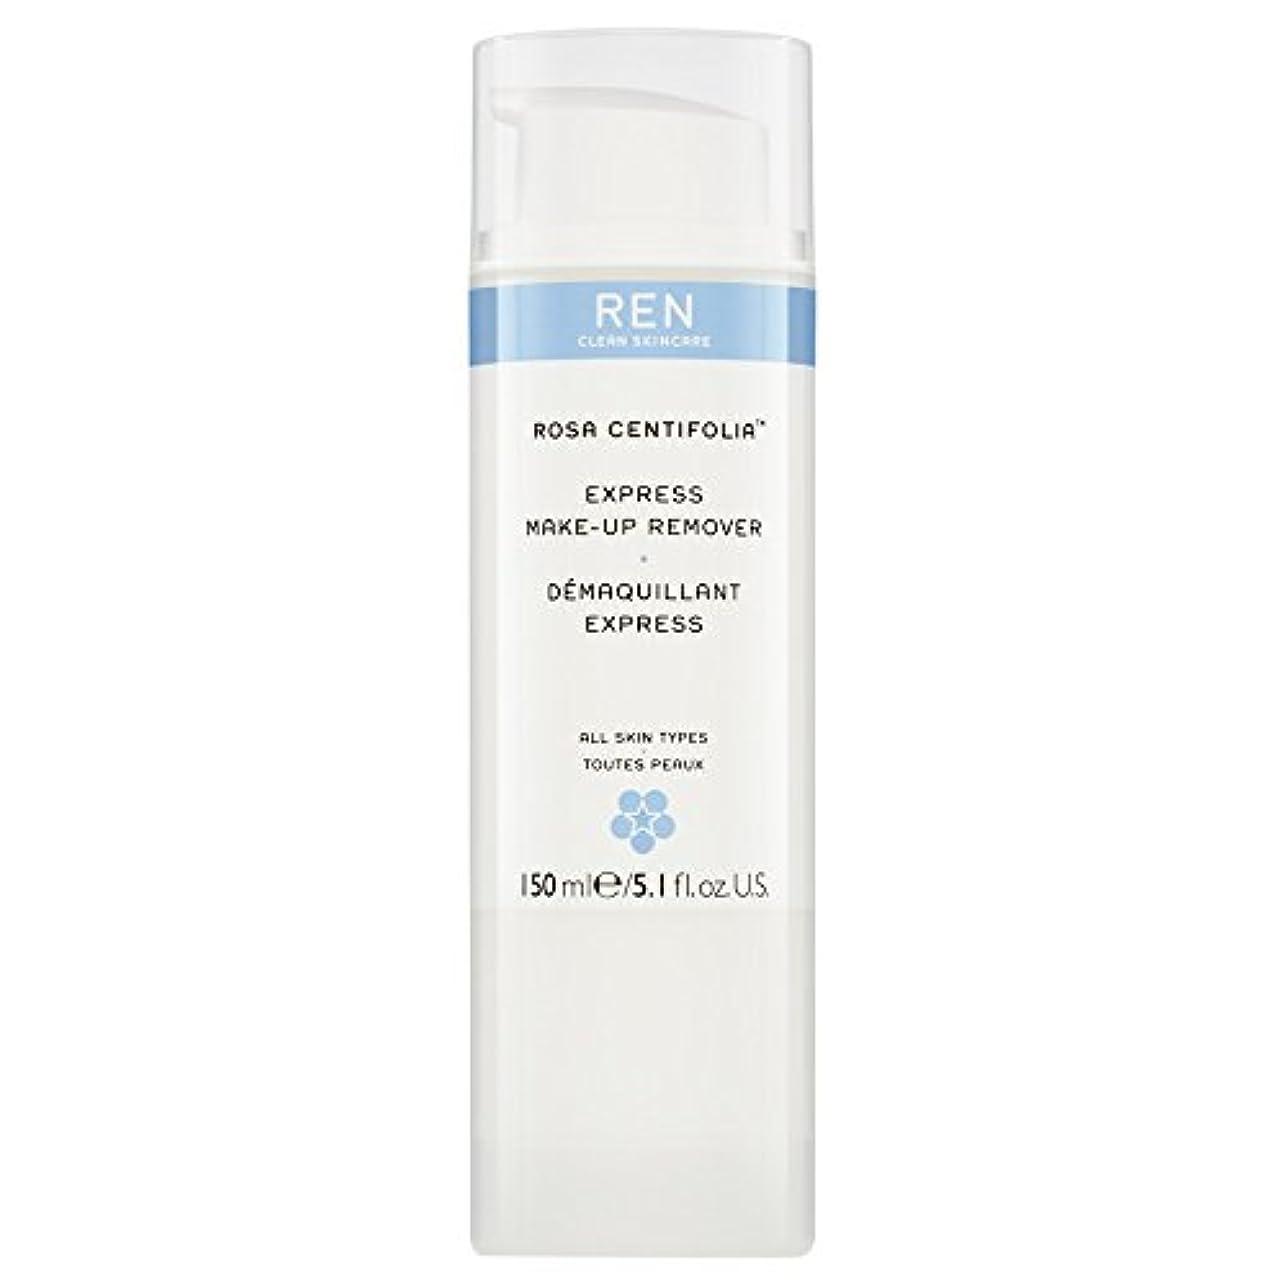 もし工業用手綱Renローザセンチフォリアバラメイクアップリムーバー150ミリリットル (REN) (x2) - REN Rosa Centifolia Makeup Remover 150ml (Pack of 2) [並行輸入品]